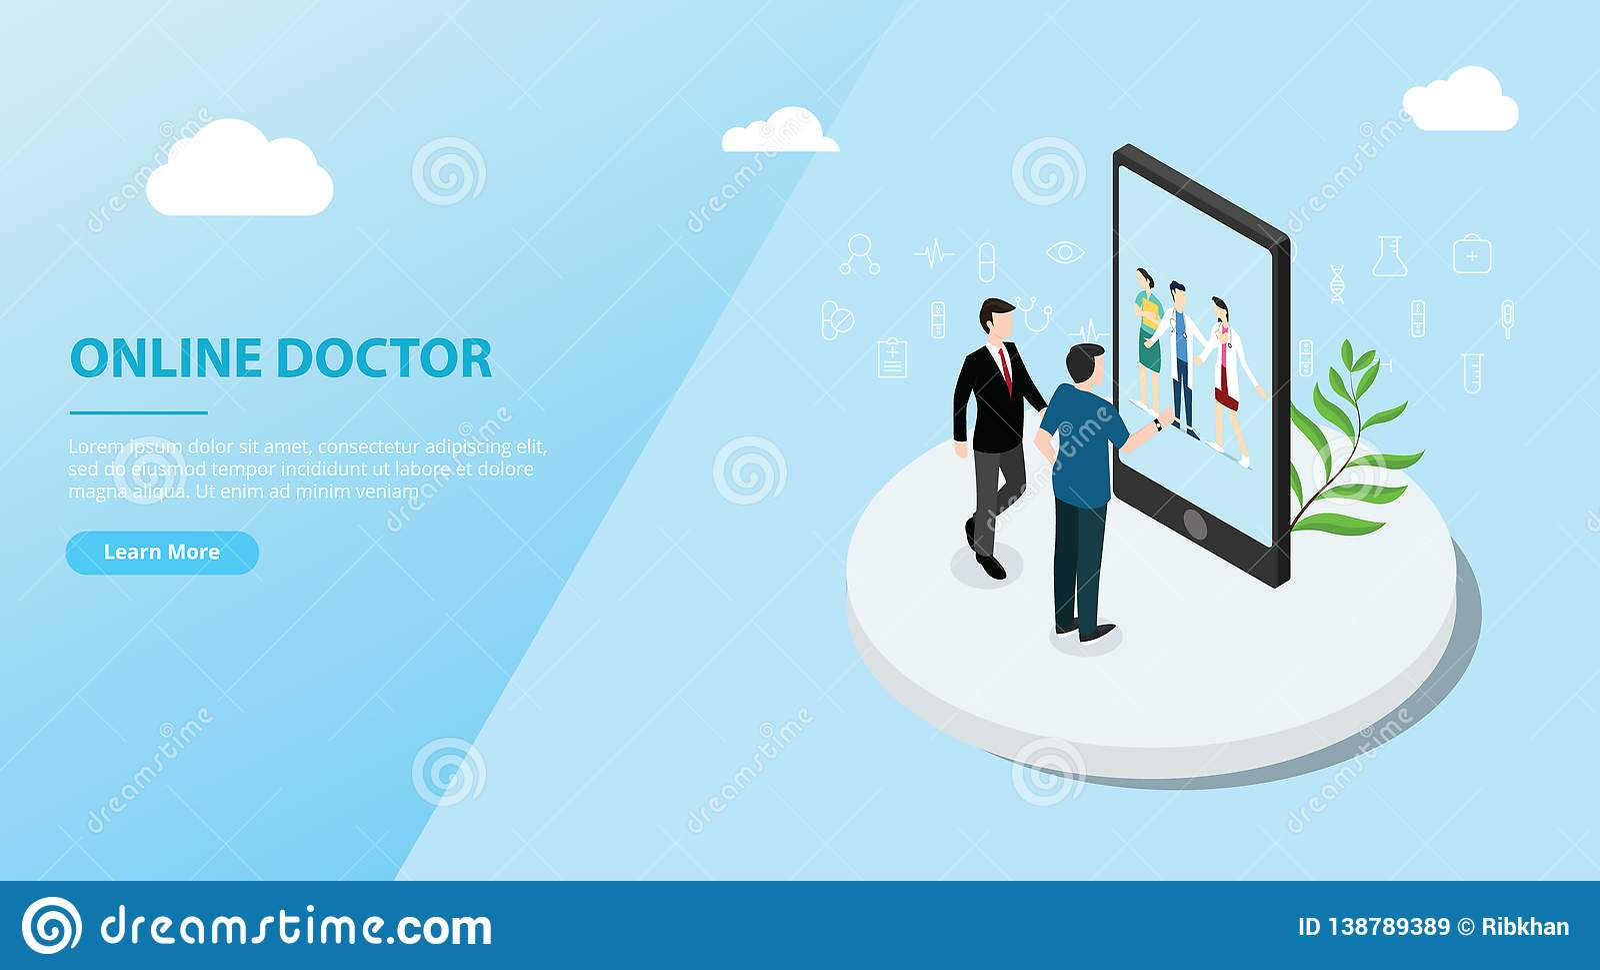 网站模板横幅的网上医生应用程序服务-传染媒介